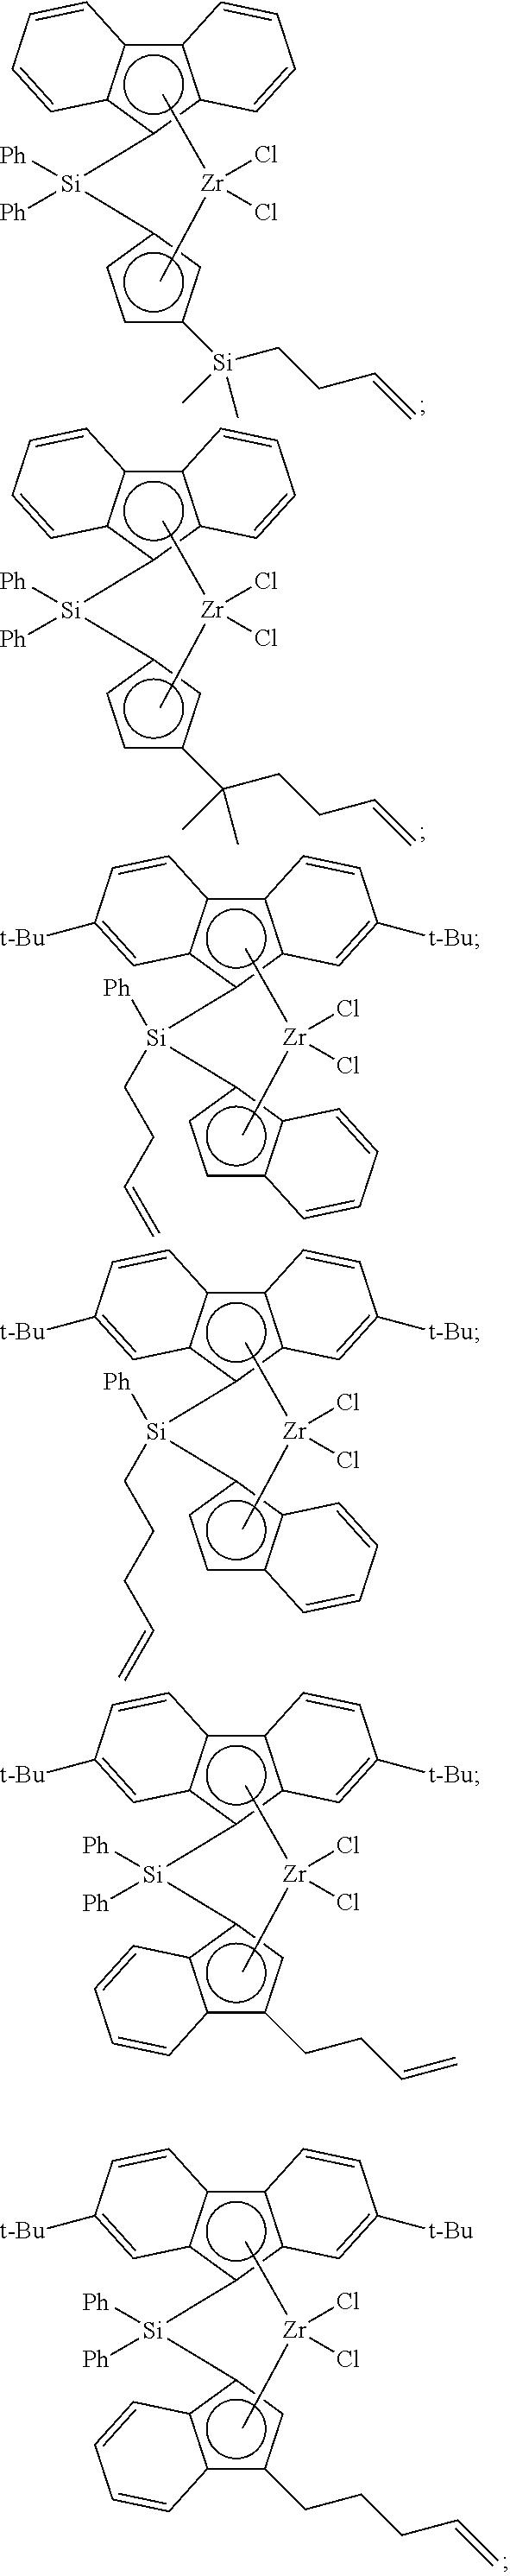 Figure US08288487-20121016-C00031